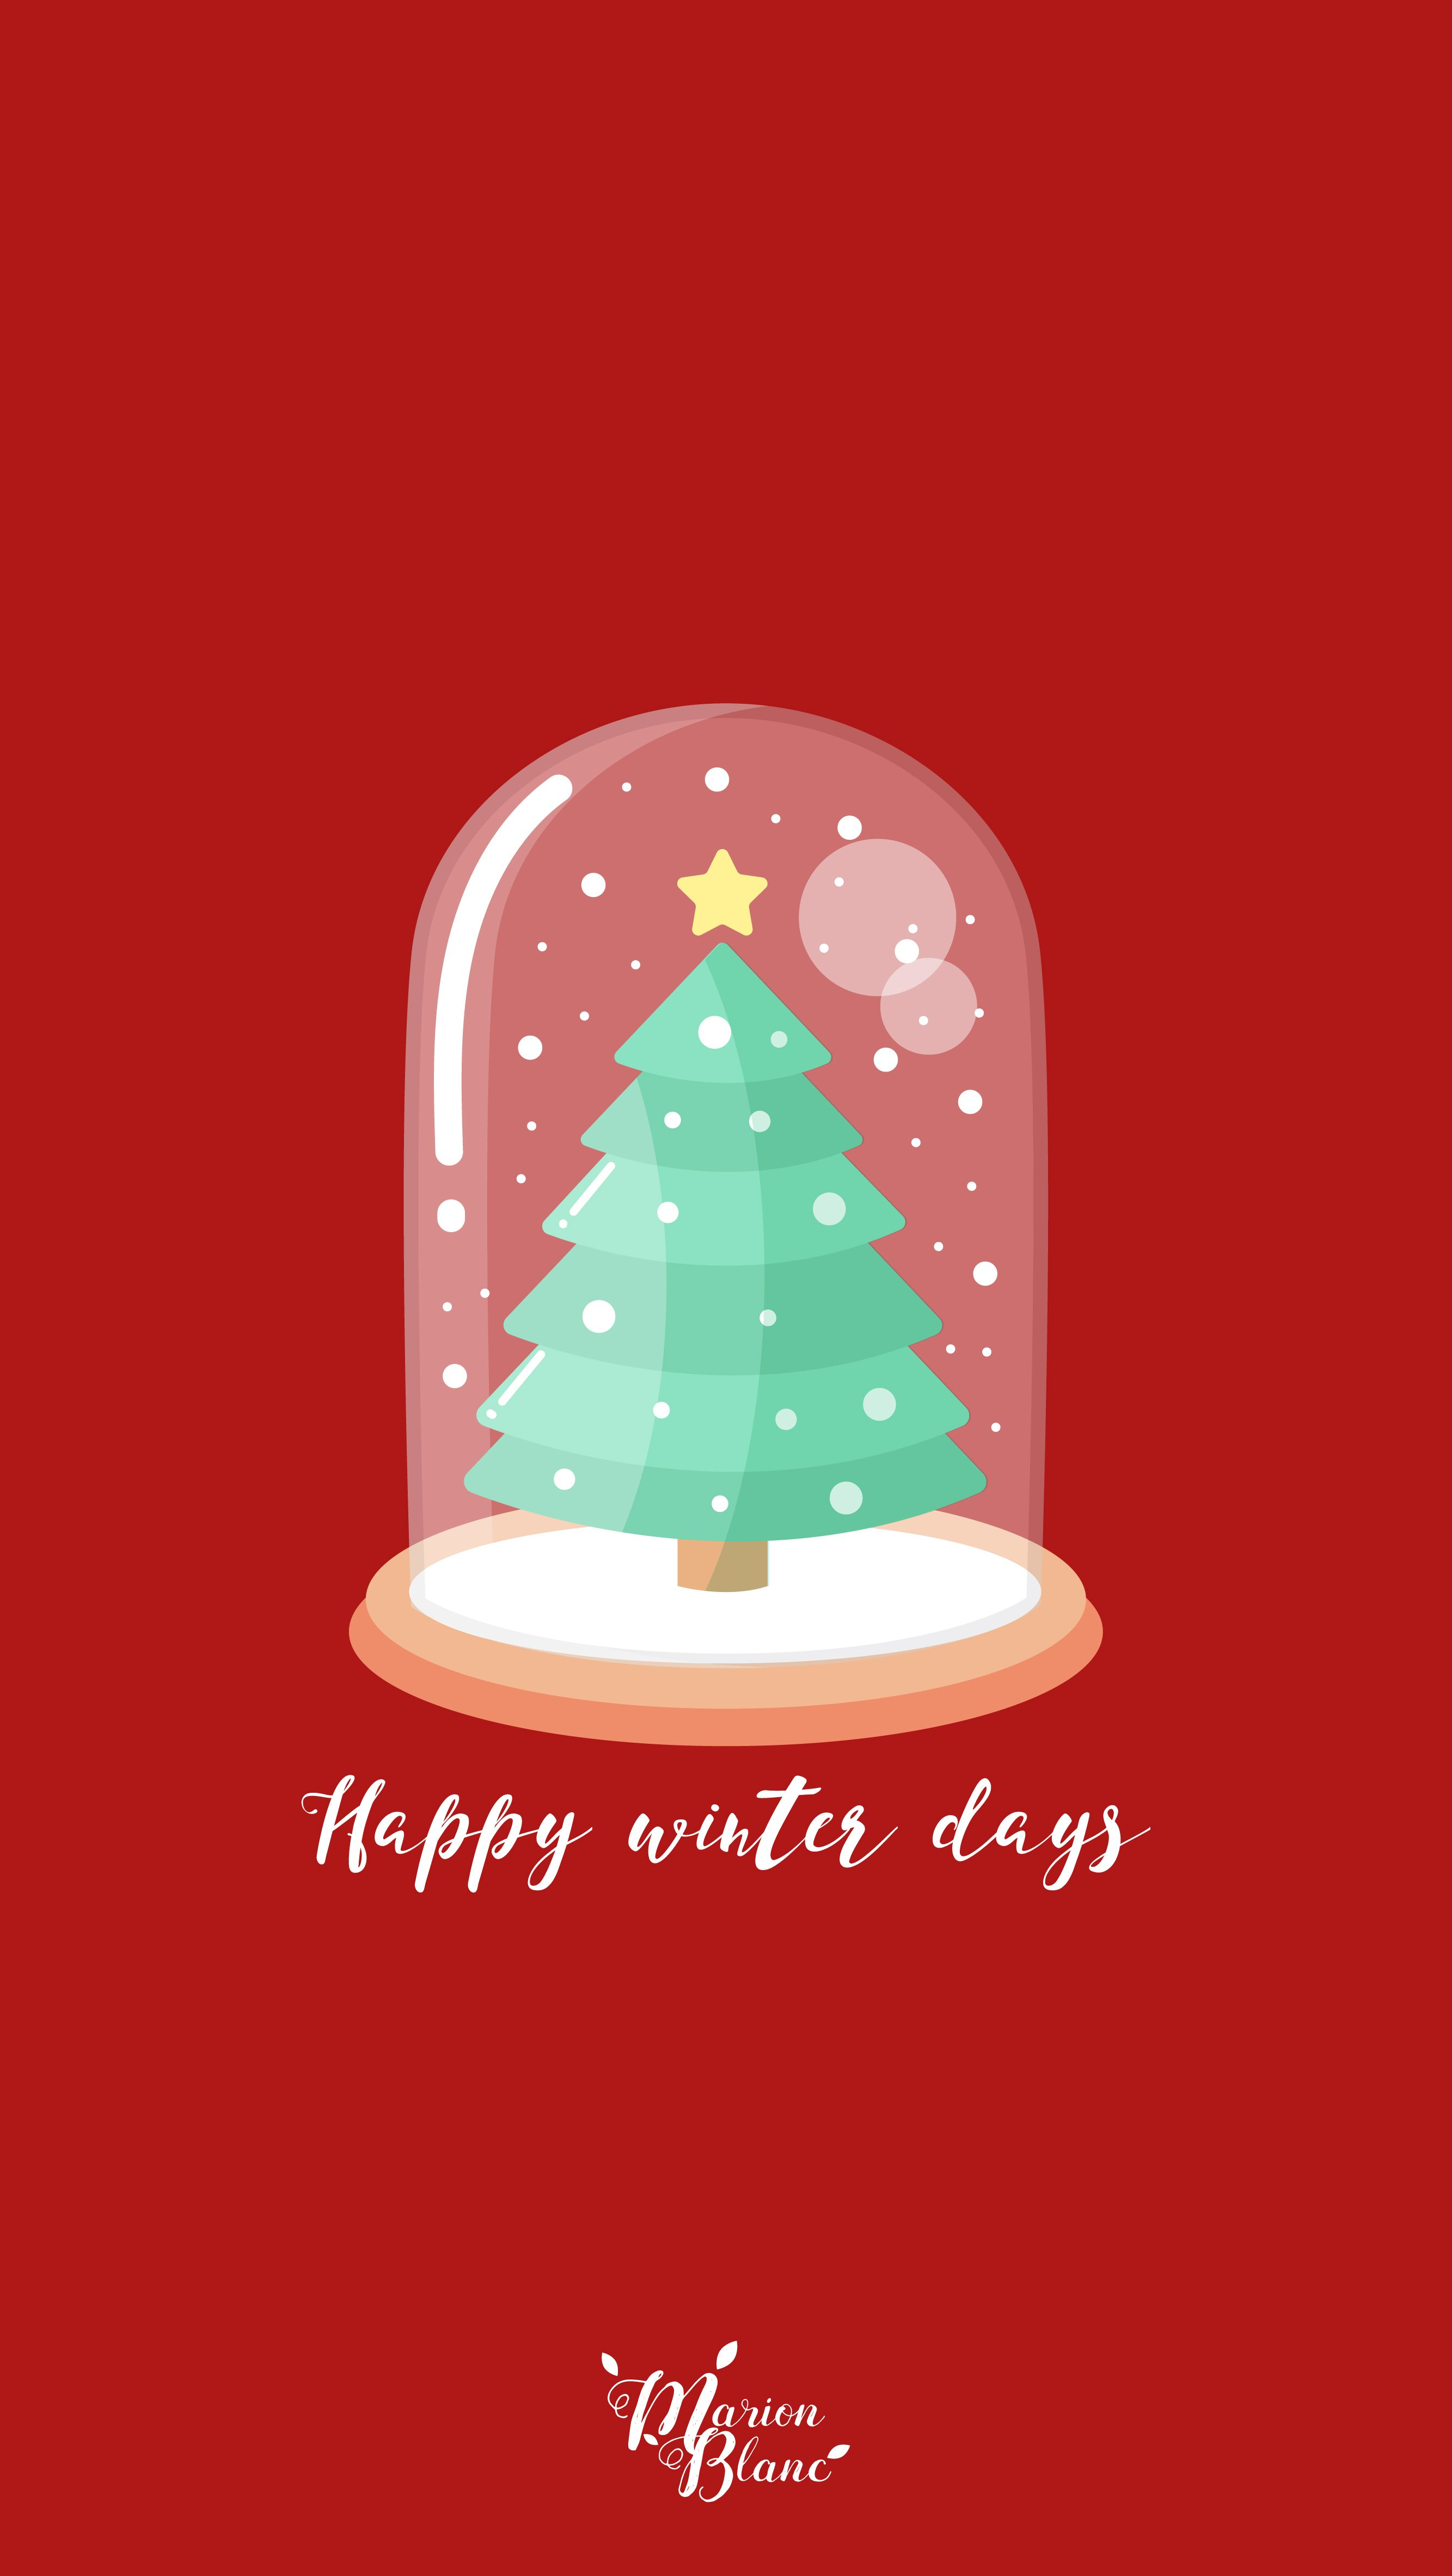 Christmas Marion Blanc Rozhdestvenskie Illyustracii Rozhdestvenskie Oboi Rozhdestvenskie Idei